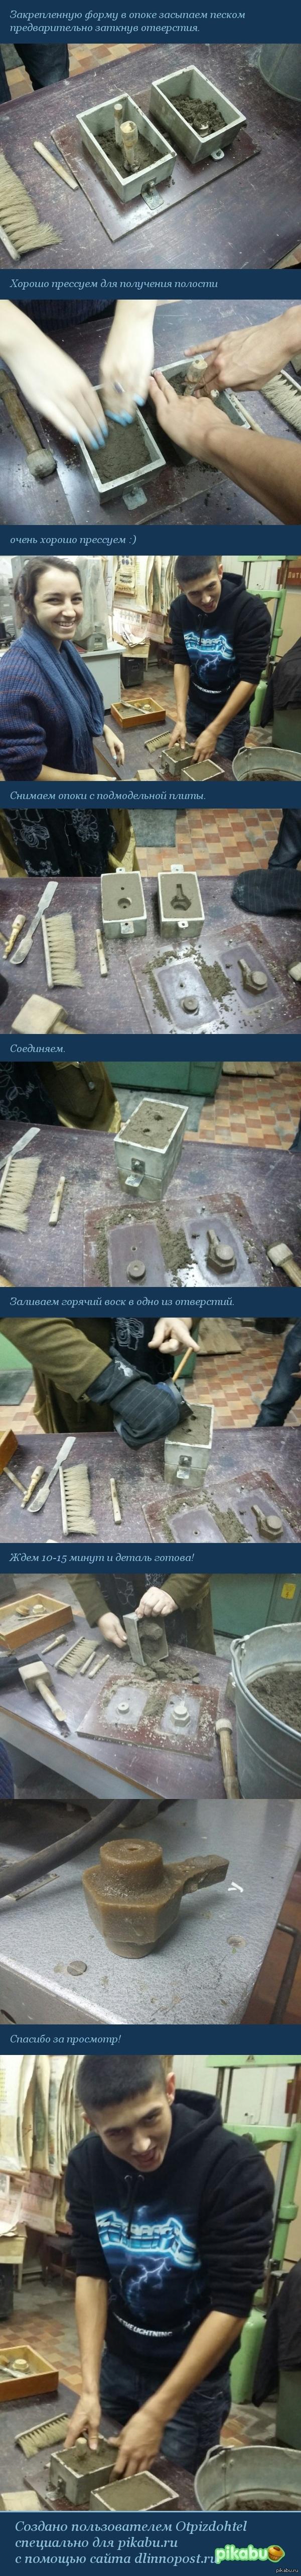 Как мы литьем занимались Как мы деталь отливали на лабораторной работе в университете.